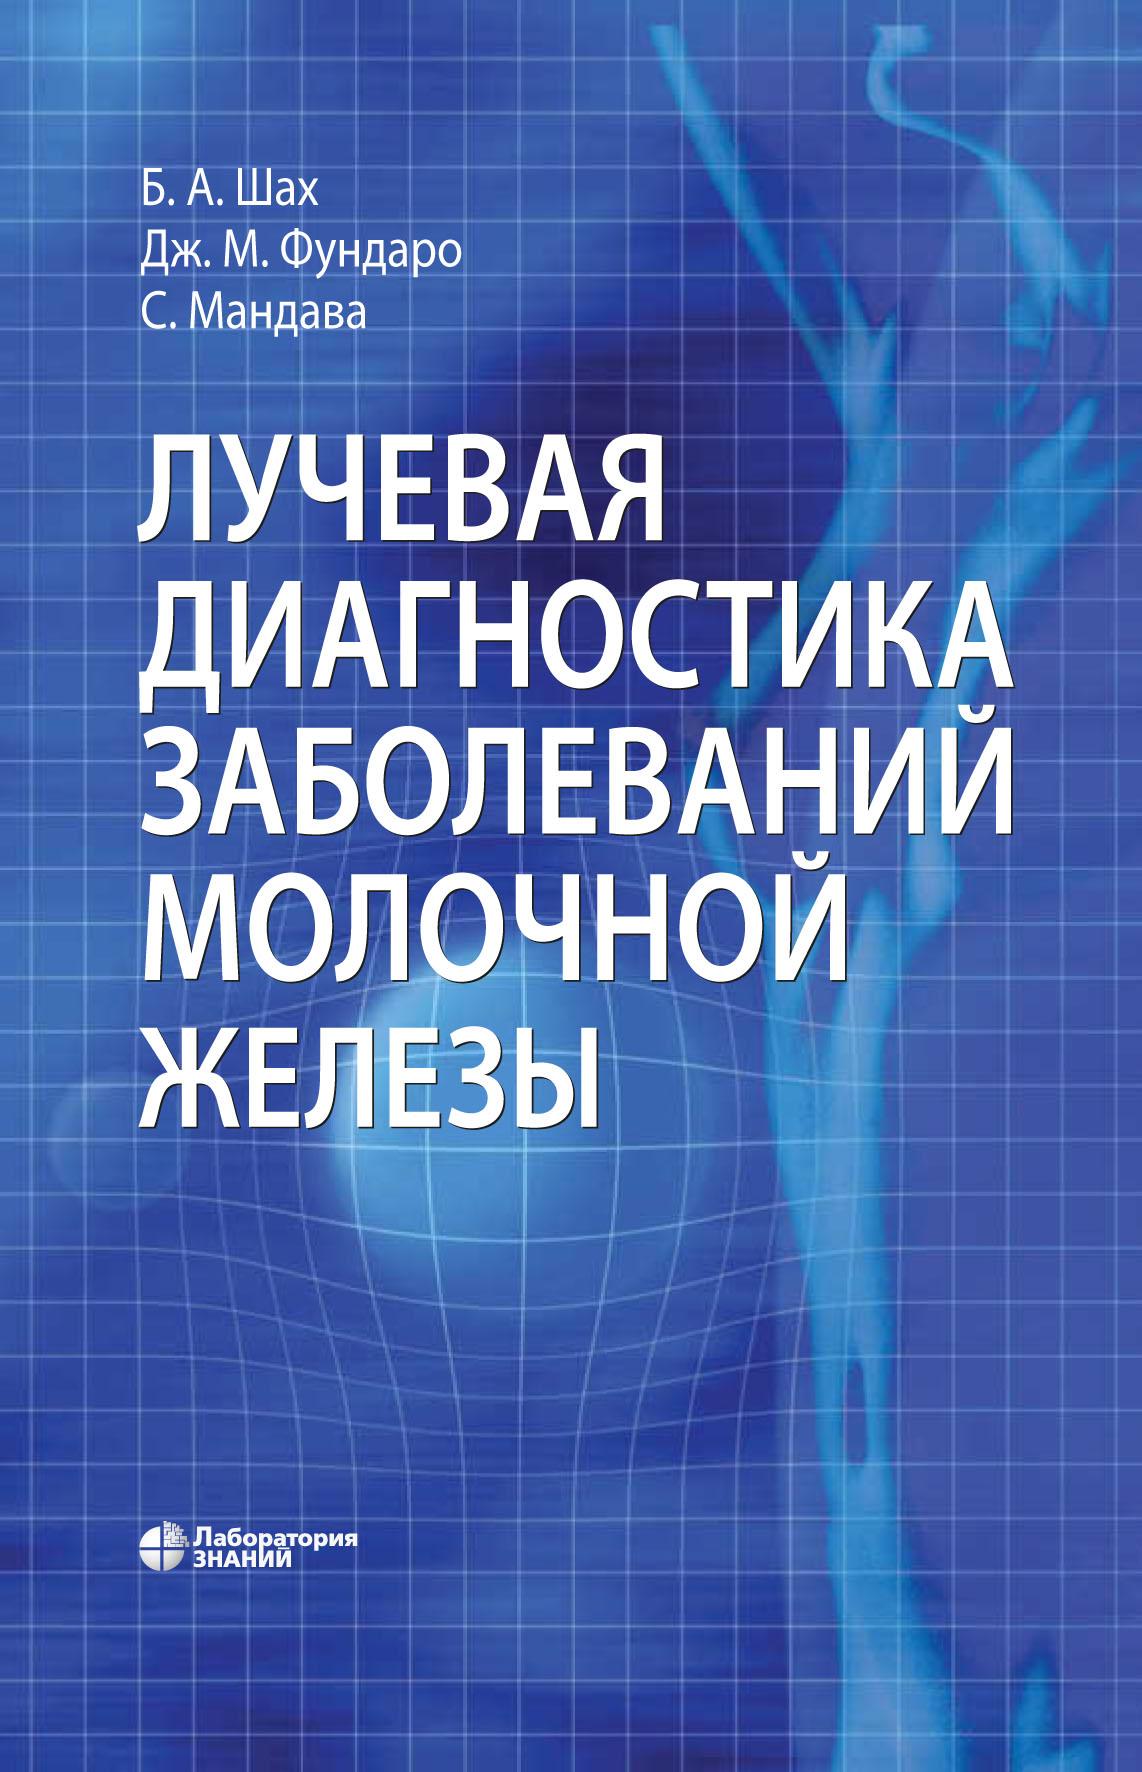 все цены на Джина М. Фундаро Лучевая диагностика заболеваний молочной железы онлайн